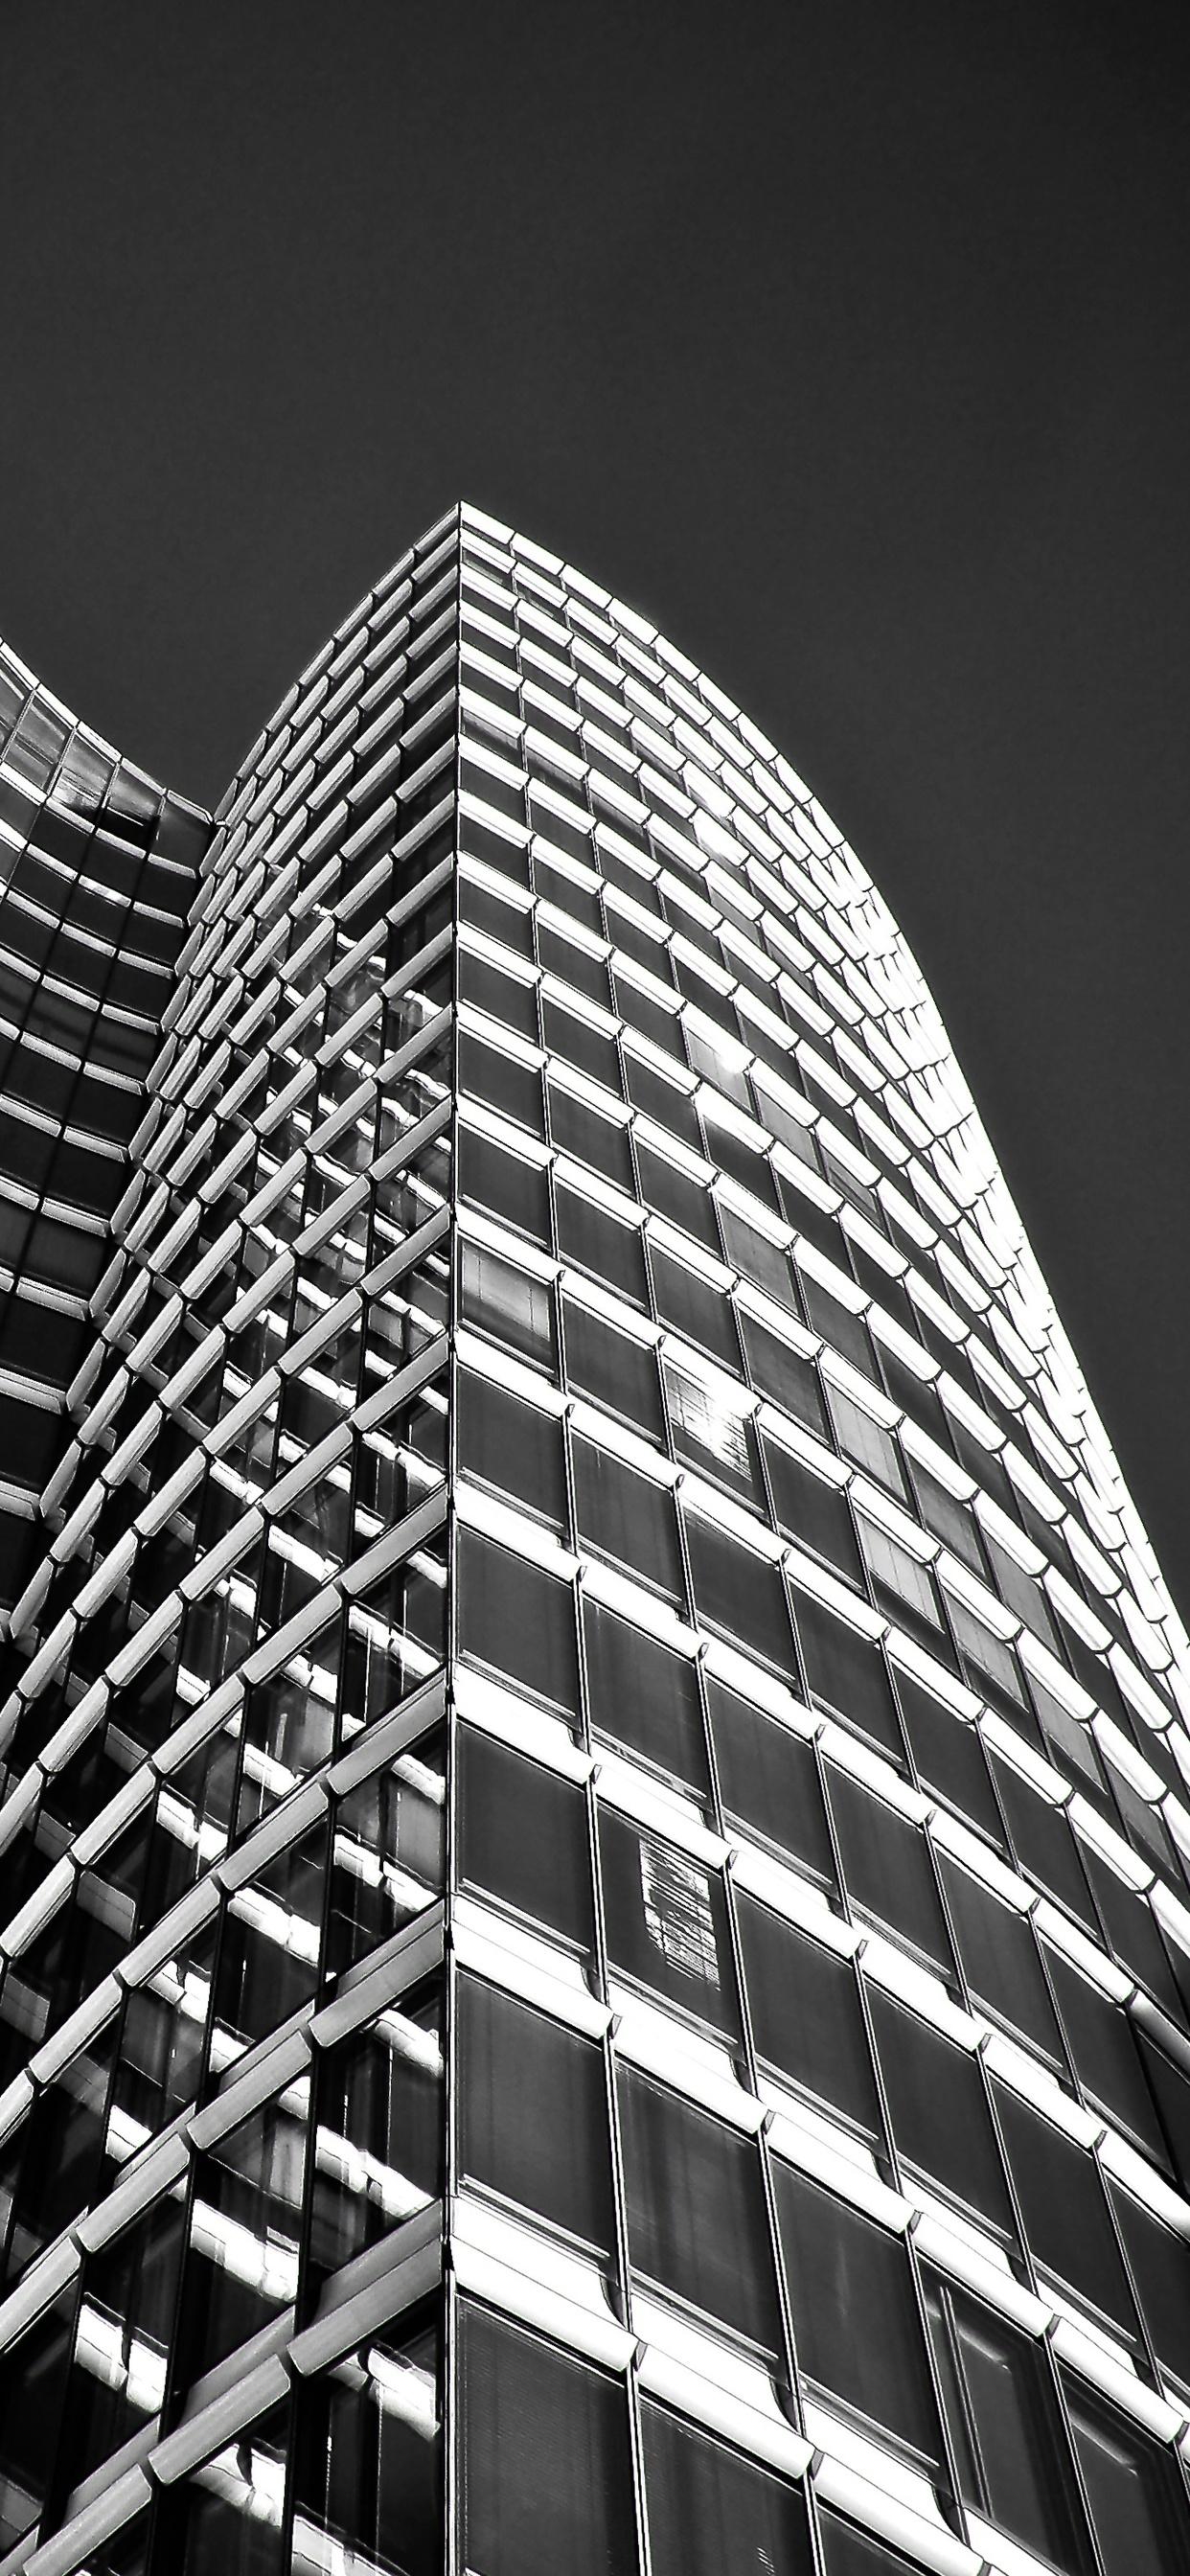 buildings-architecture-monchrome-4k-zm.jpg